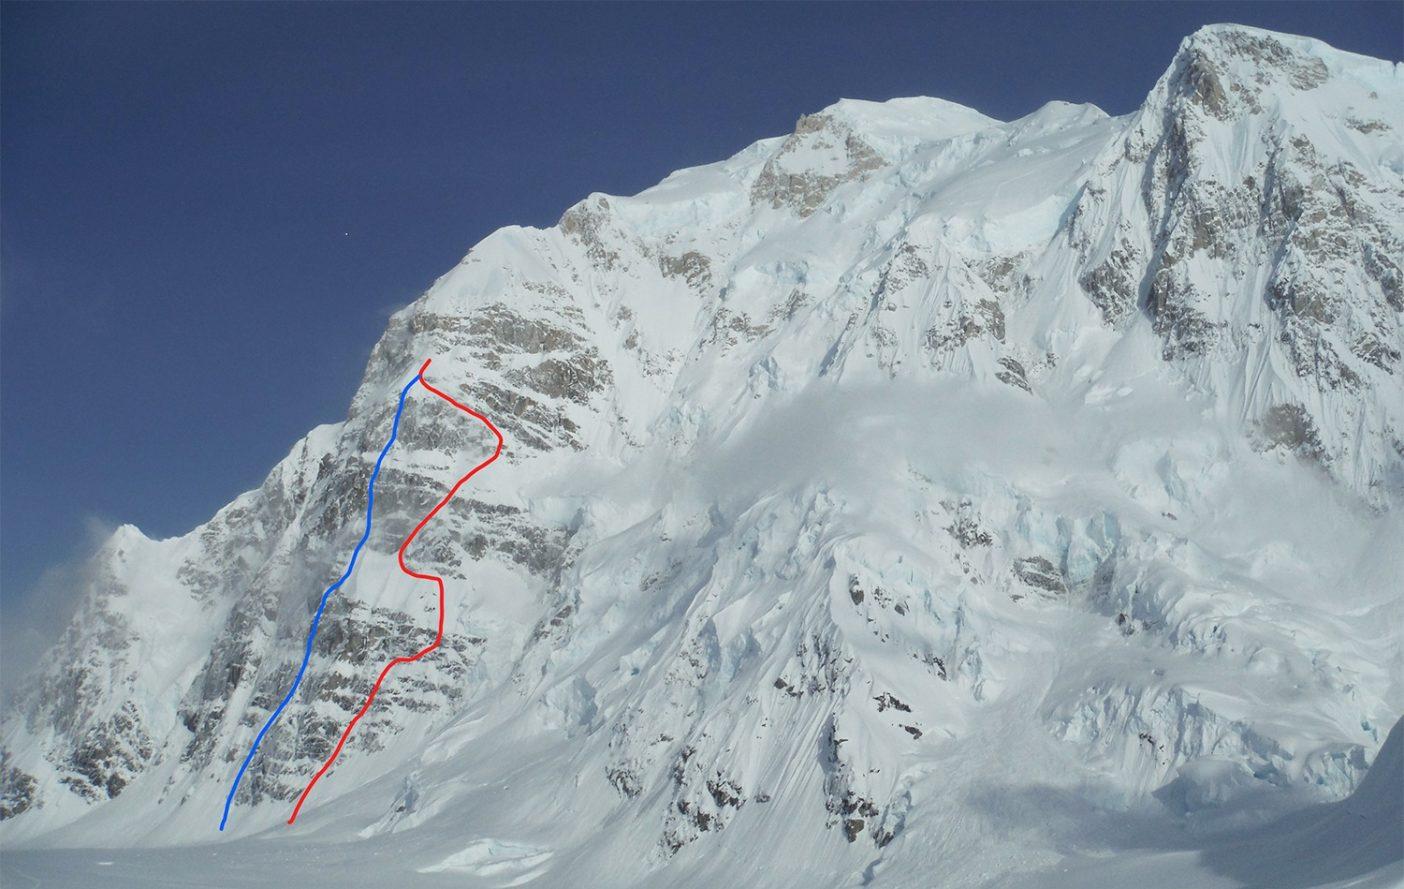 赤線は登攀ライン、青線は下降ライン 写真:鈴木 啓紀